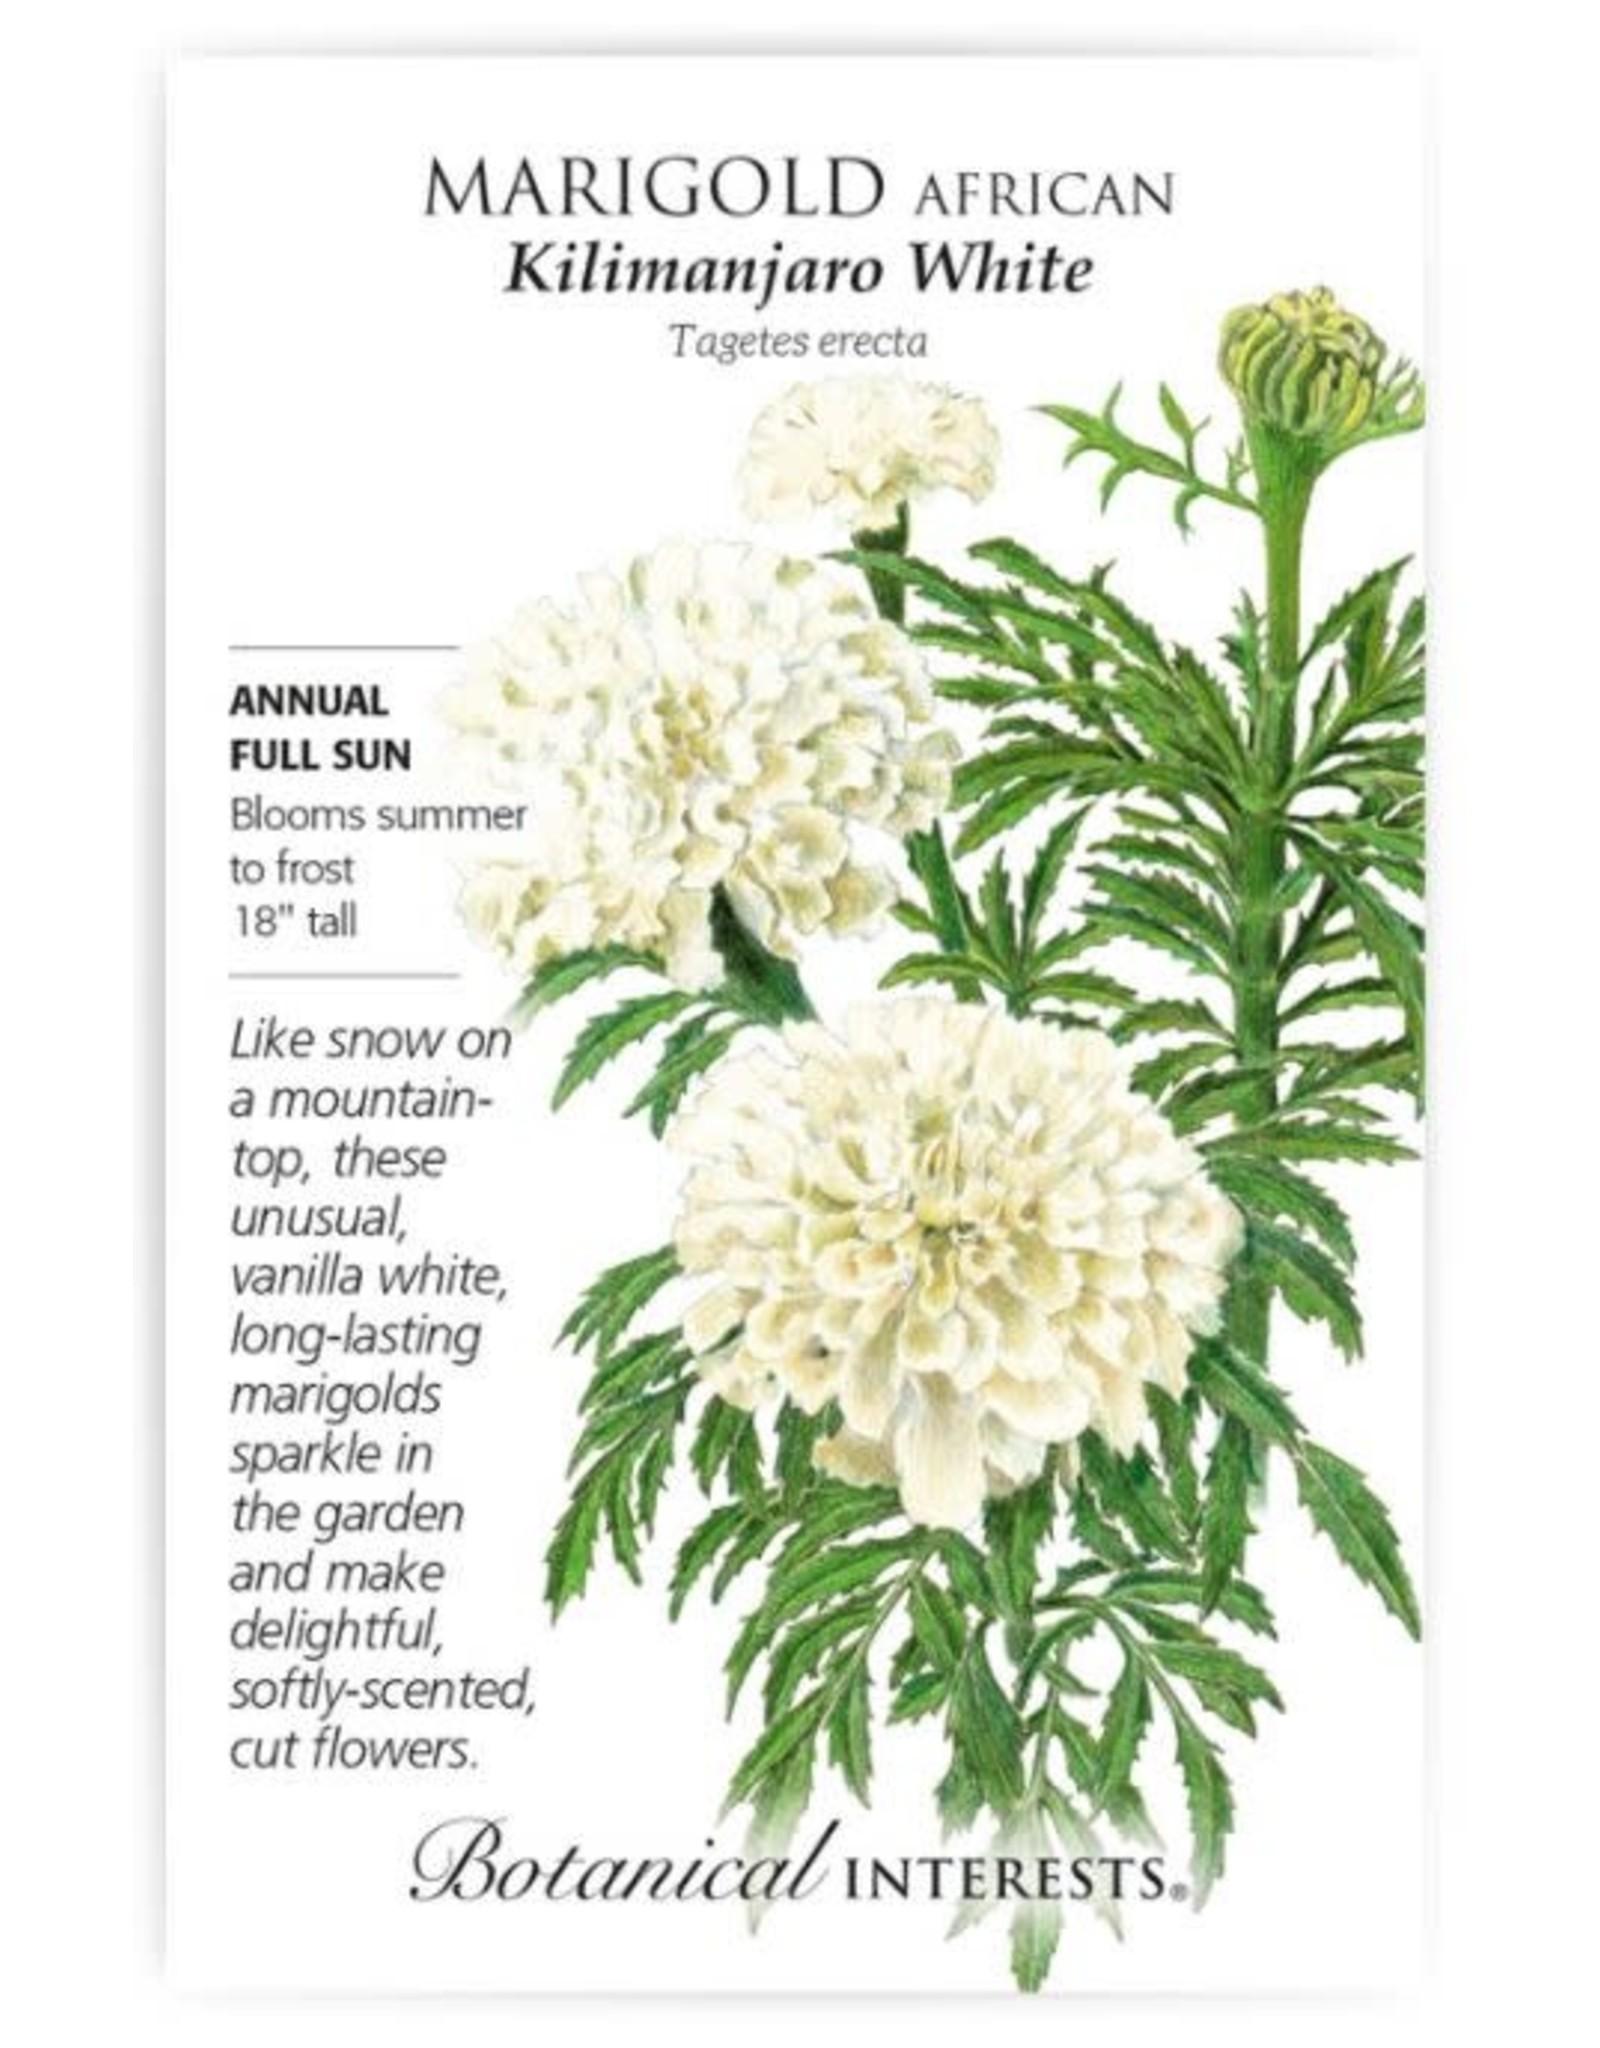 Seeds - Marigold African Kilimanjaro White